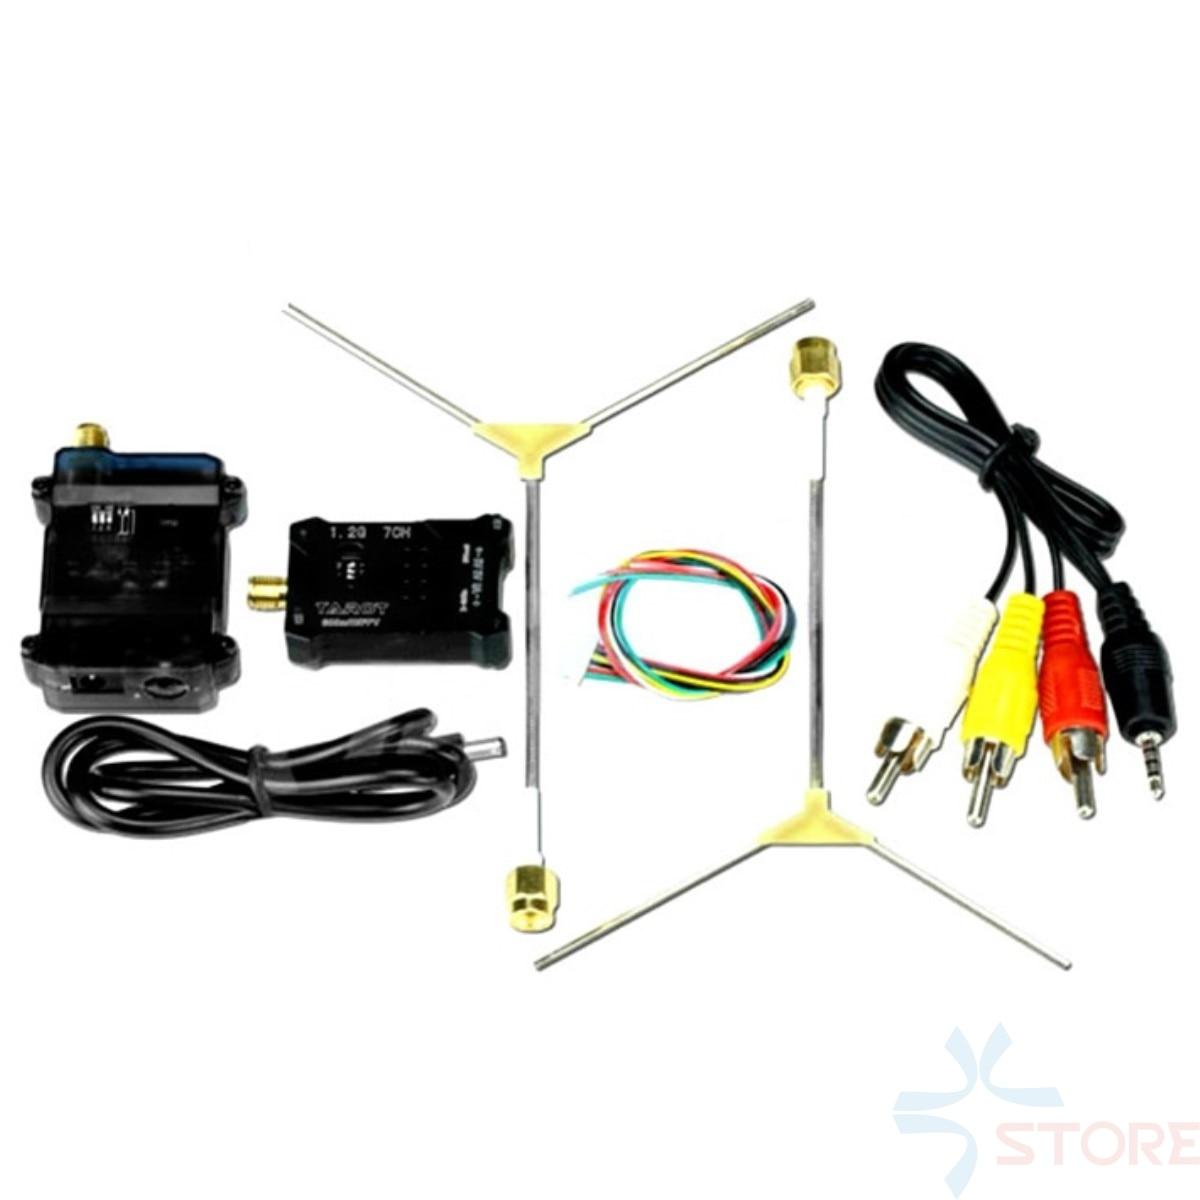 Tarot 1.2G FPV 600MW RX/TX TL300N5 AV Wireless Wiring Transmitter Receiver Set 1.2Ghz Antenna for DIY FPV Racing Drone 5 8g fpv 600mw wireless av rc832 receiver with ts5828 av mini transmitter system for fpv quadcopter